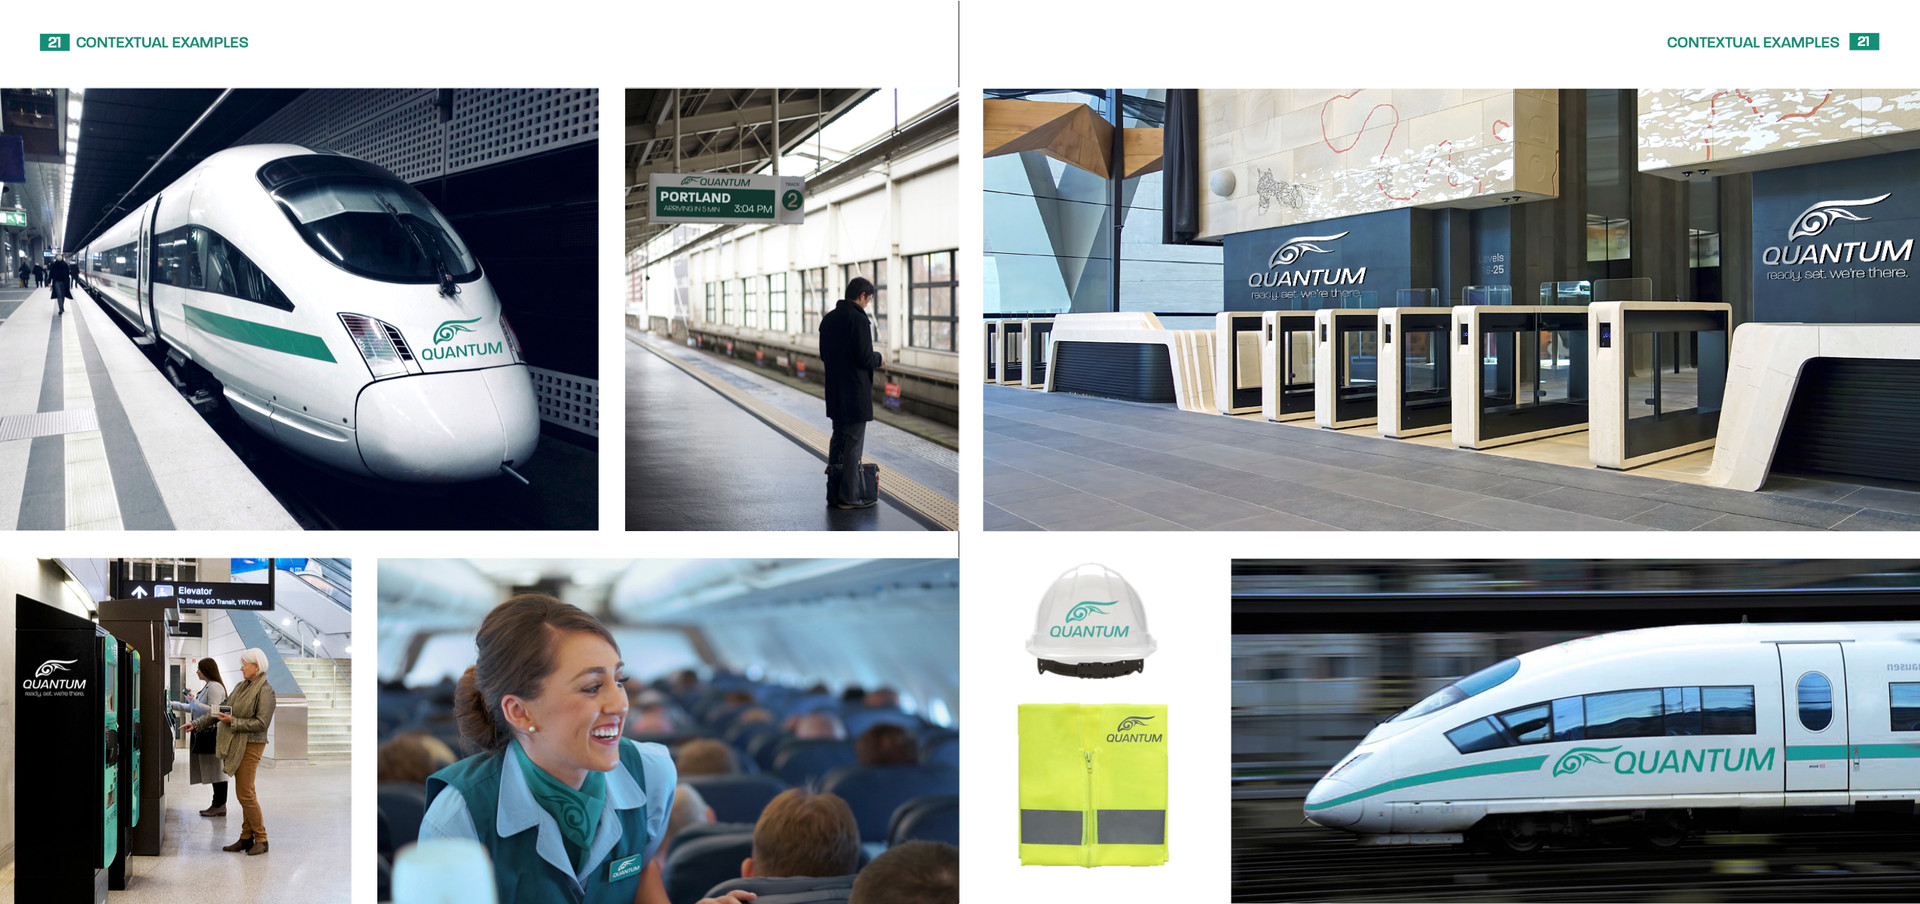 QUANTUM-branding-manual-21-22.jpg